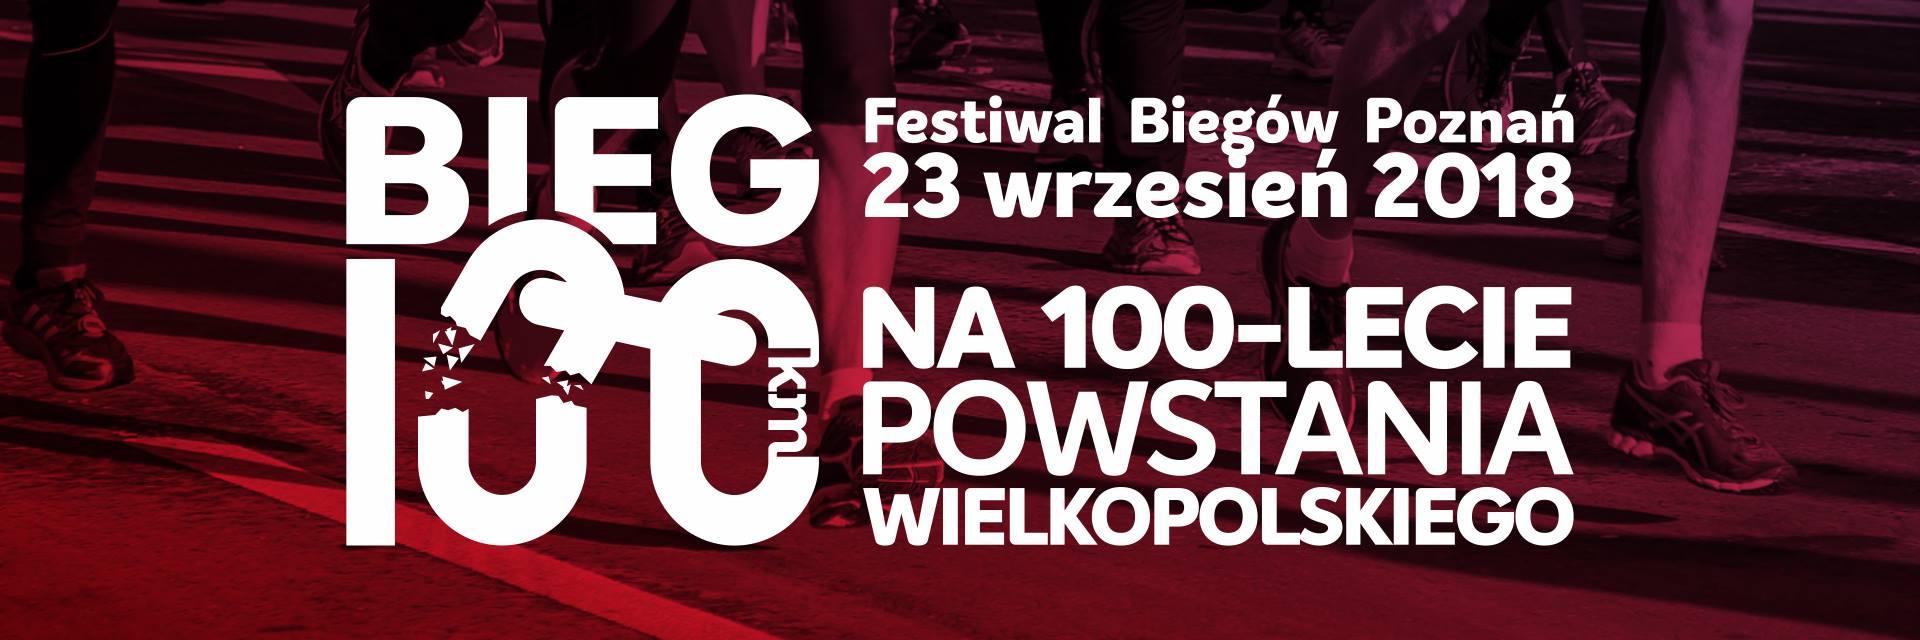 Nasz Patronat. Festiwal Biegów Poznań. Bieg Drużynowy 10×10 km o Puchar Wielkopolski